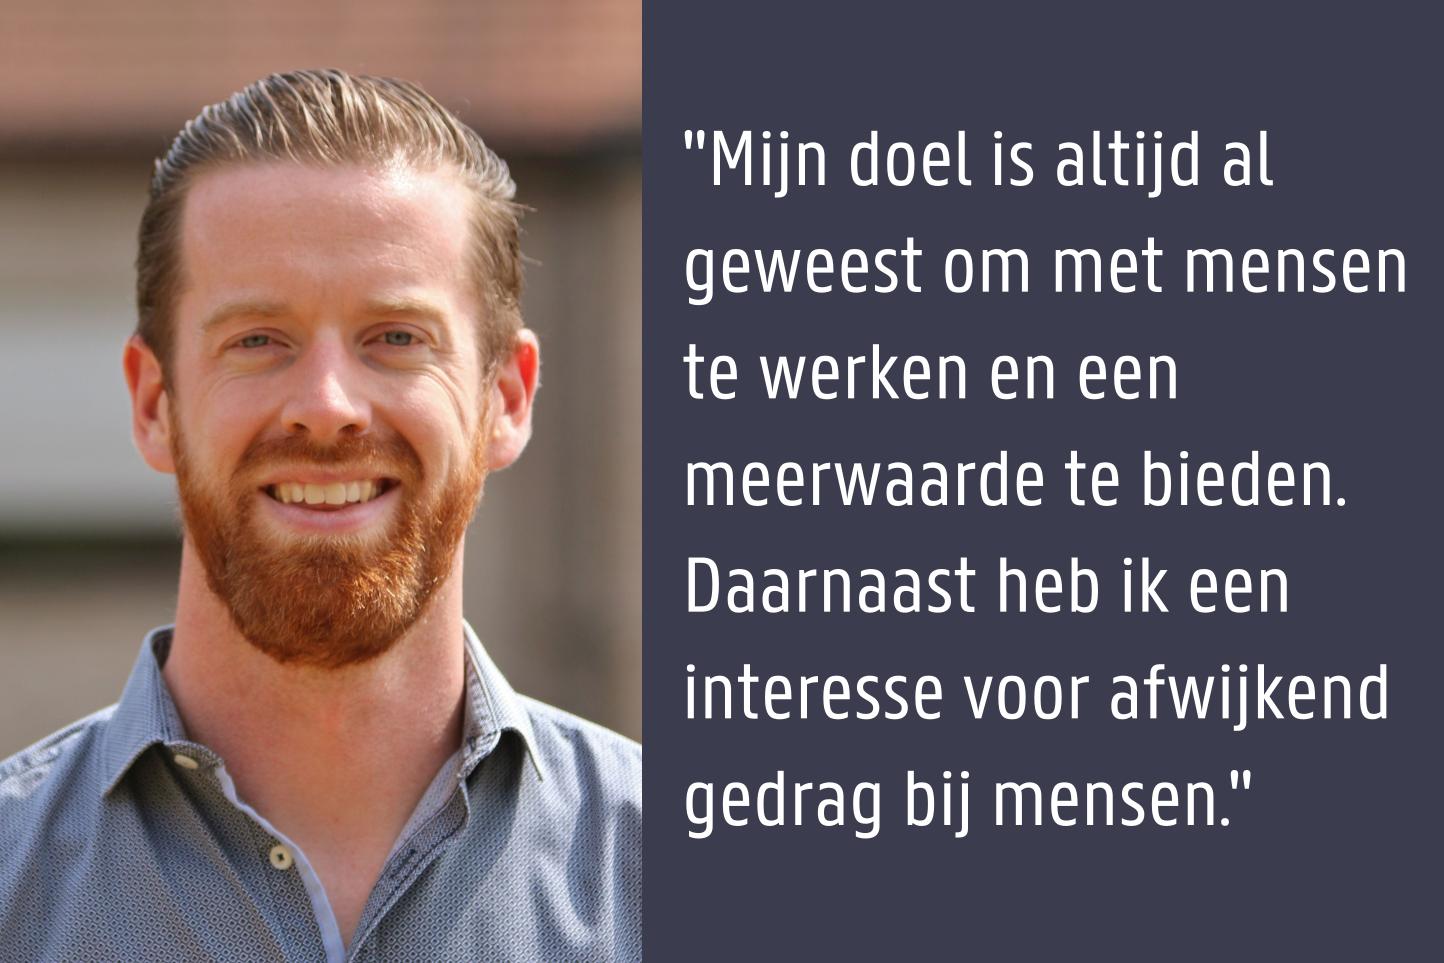 Koen Mattheeuws - Criminoloog & Opnamecoördinator Forensisch Zorgcircuit - Psychiatrisch Centrum Sint-Jan-Baptist in Zelzate